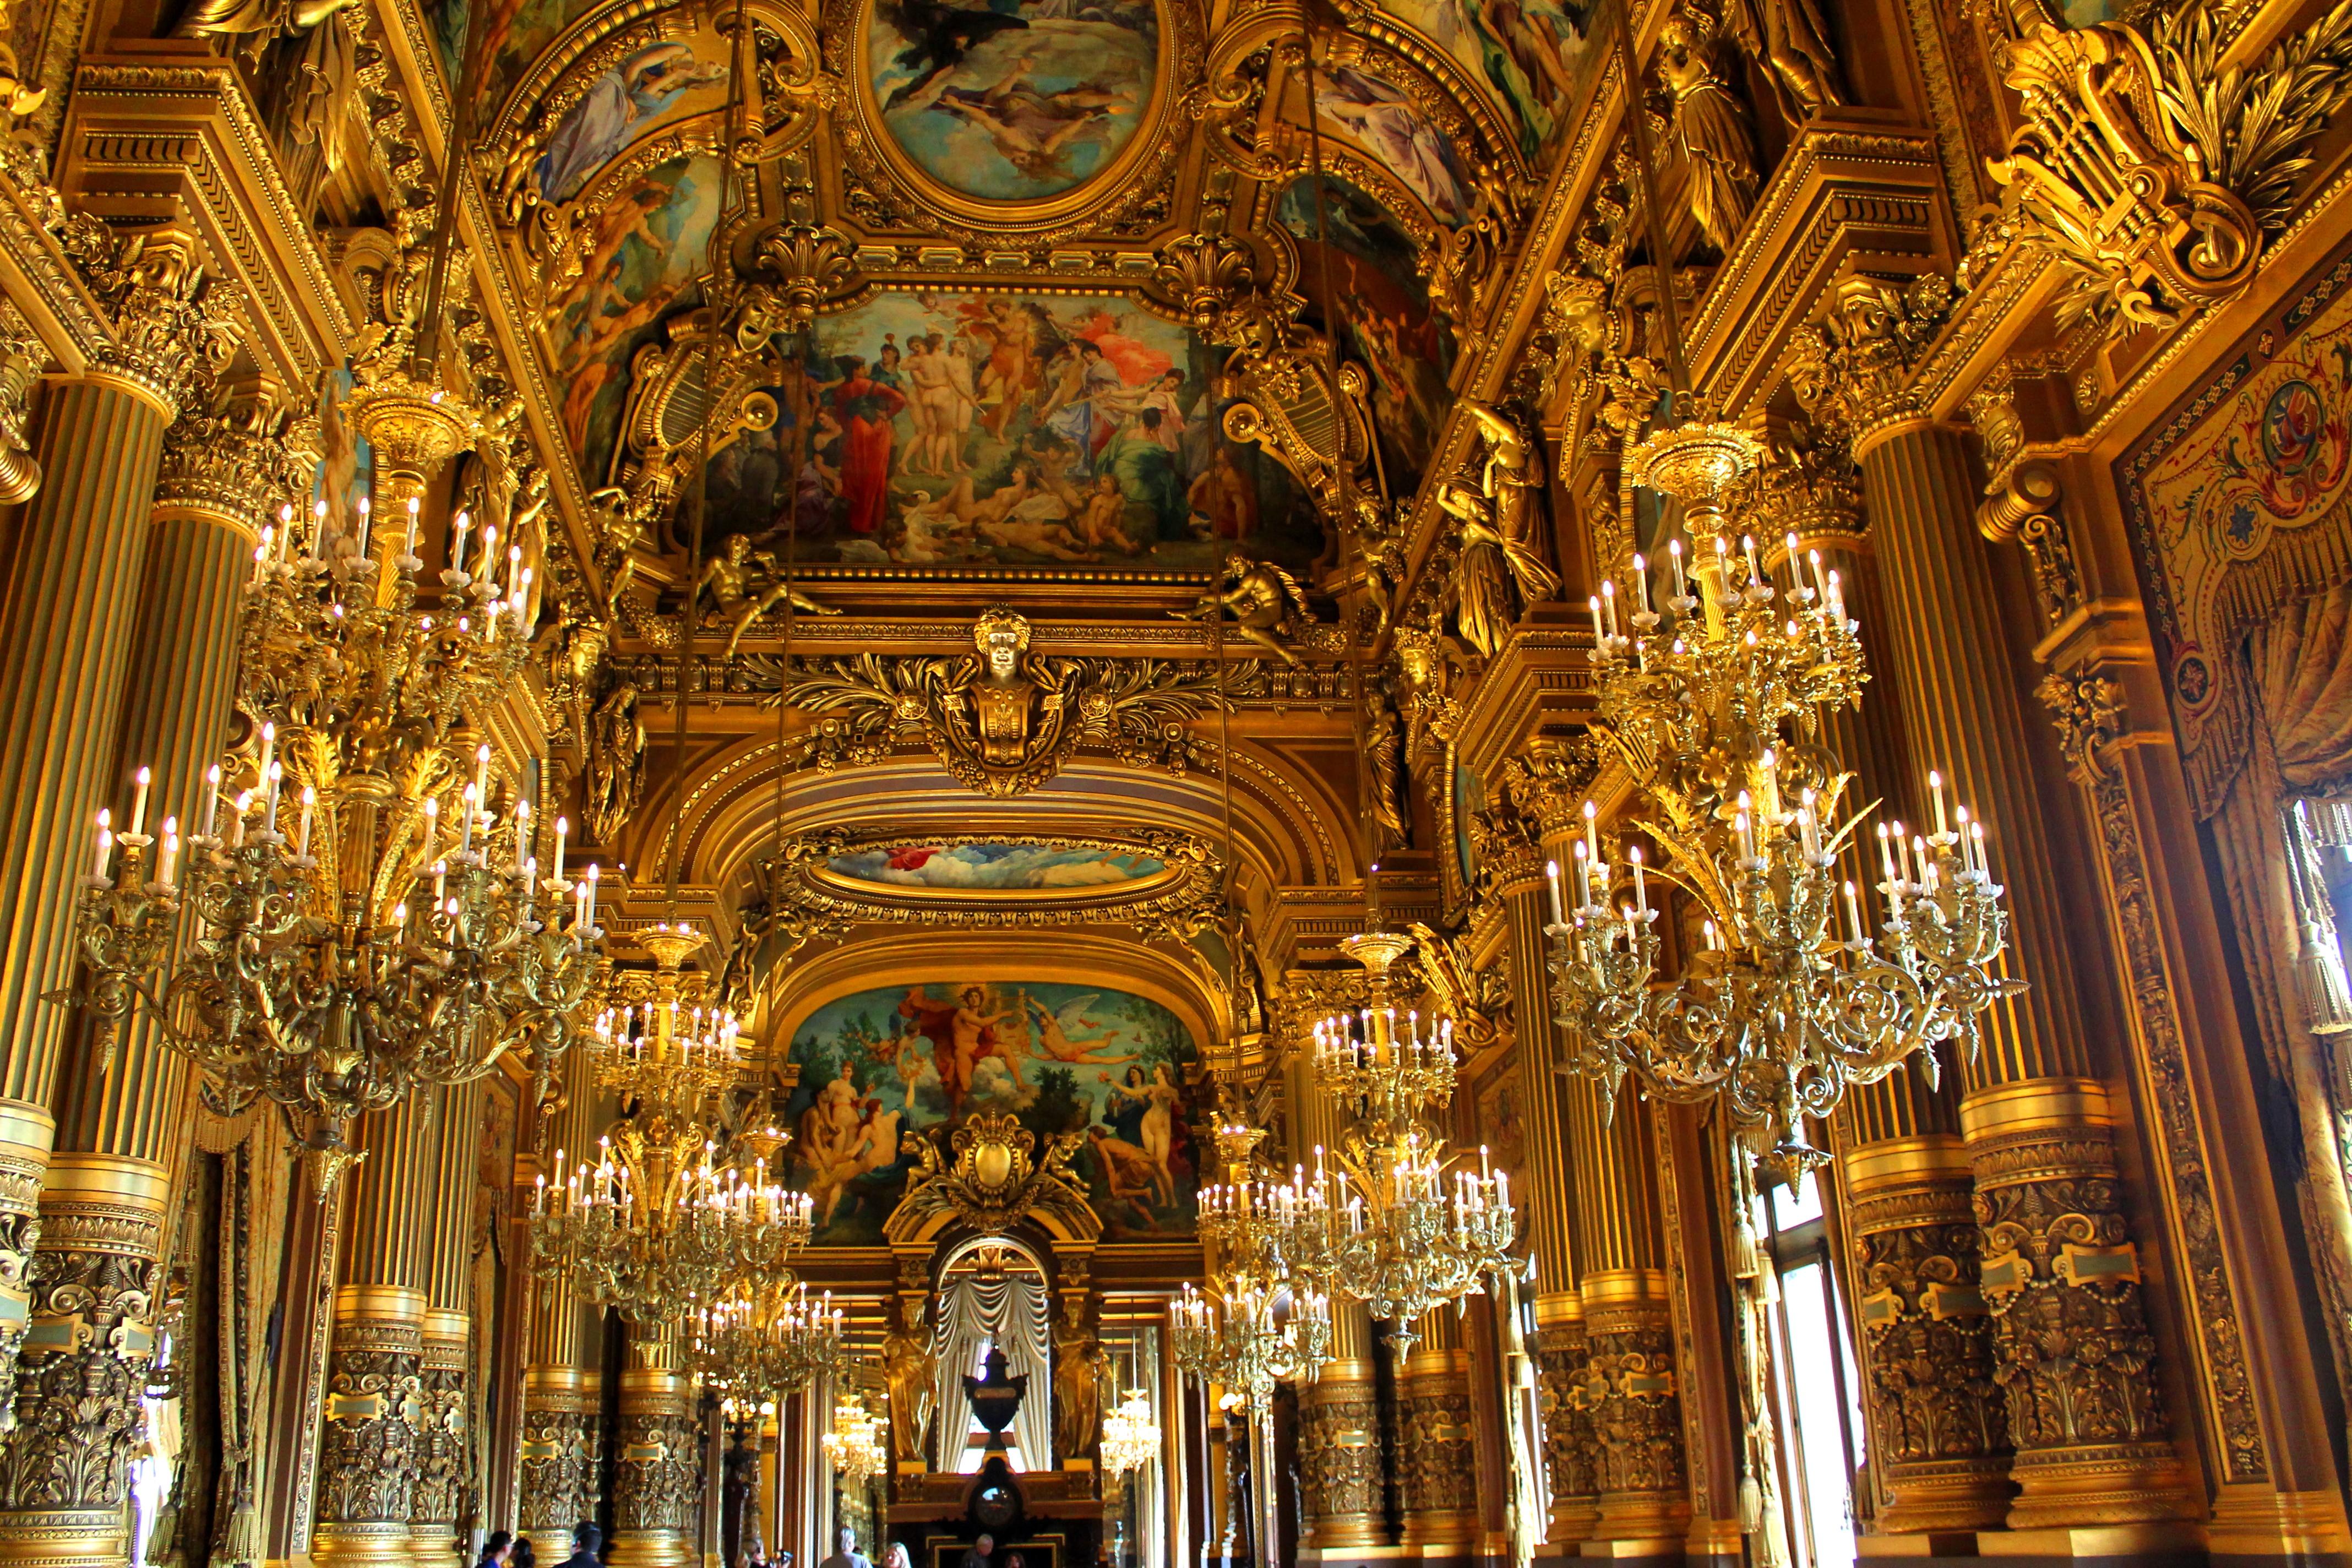 Superficie Grand Foyer Opera Garnier : Palais garnier movable assets